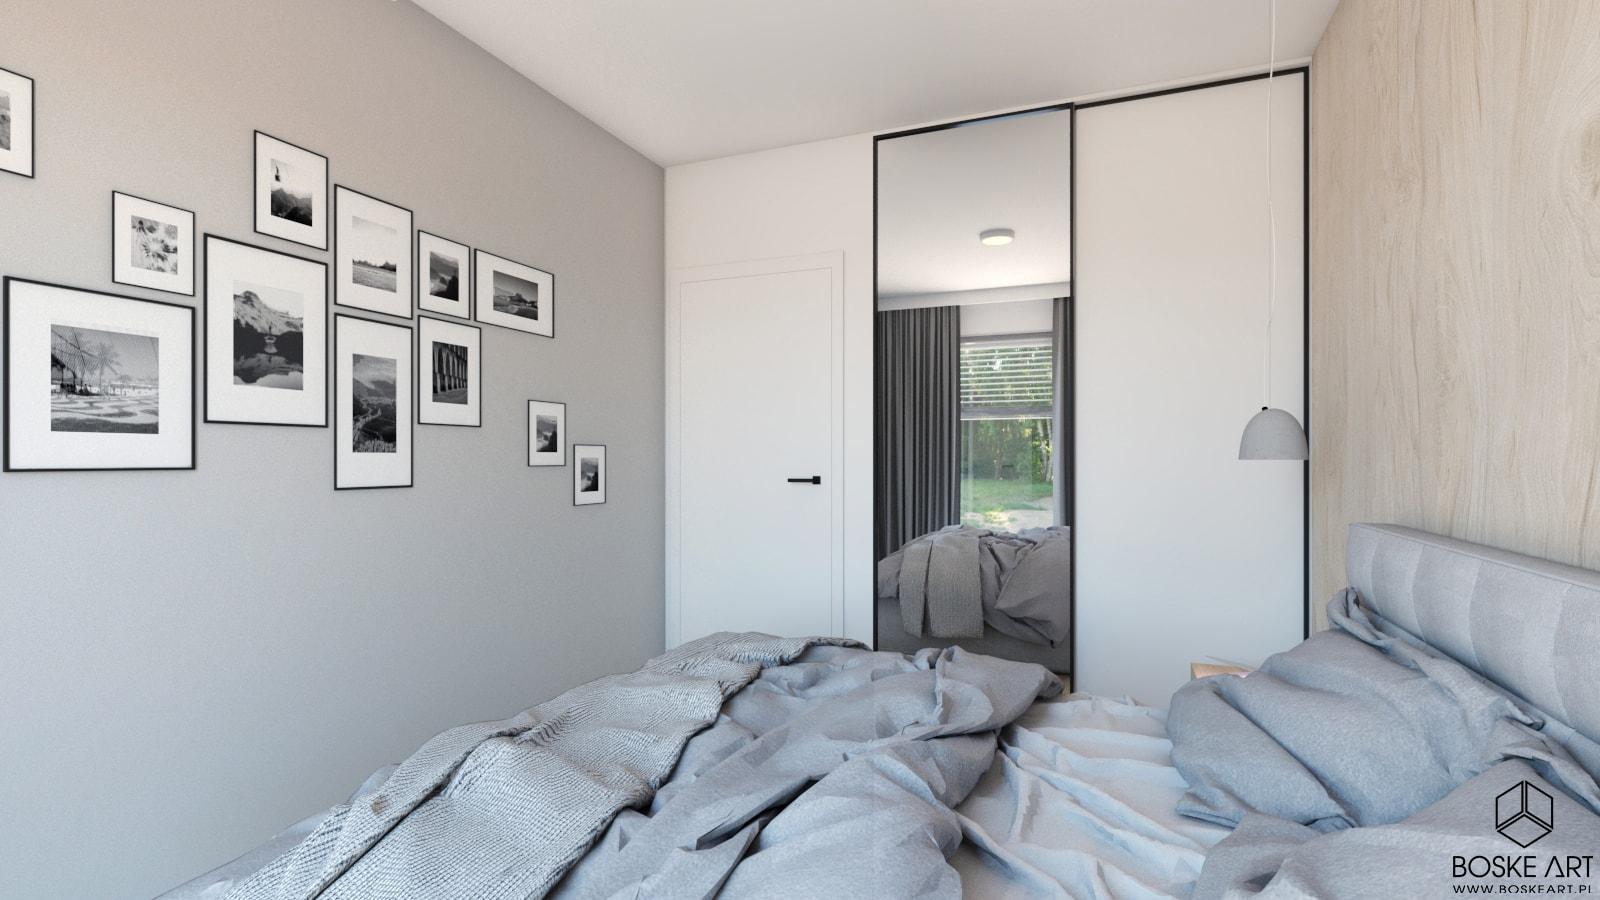 6_mieszkanie_gniezno_boske_art_projektowanie wnetrz_architektura_natalia_robaszkiewicz-min